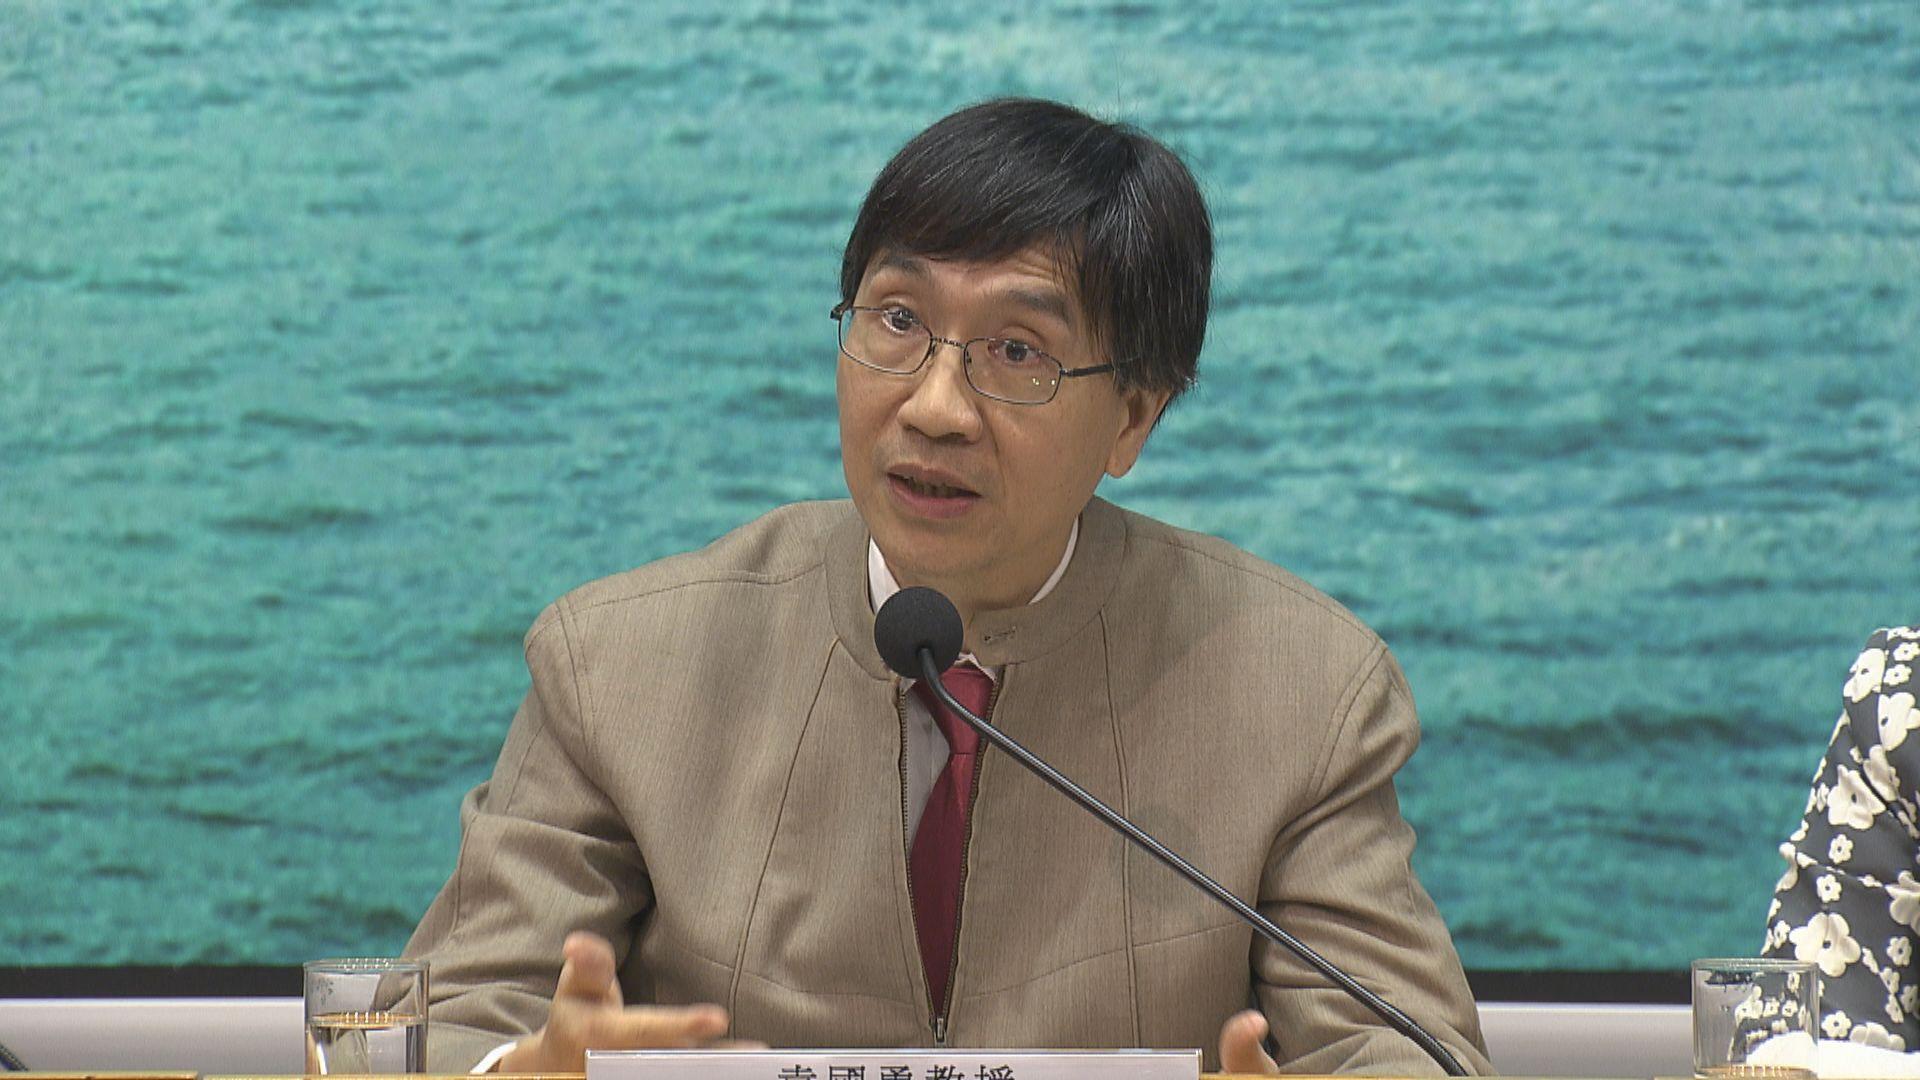 袁國勇:當七成人口產生抗體 疫情才會緩和